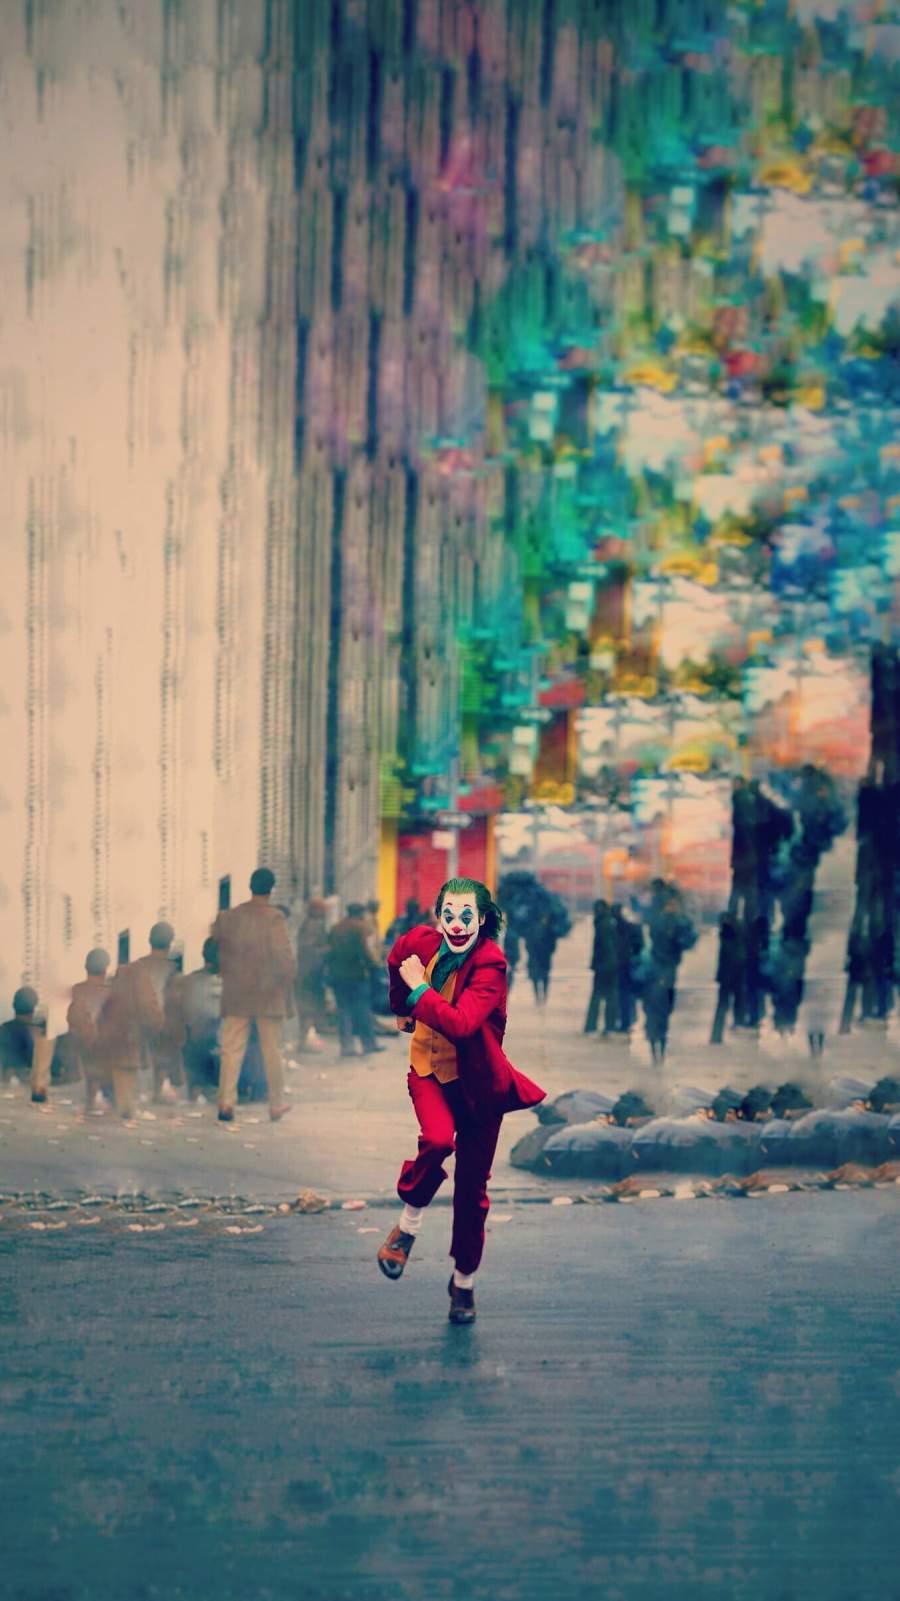 Joker Run iPhone Wallpaper